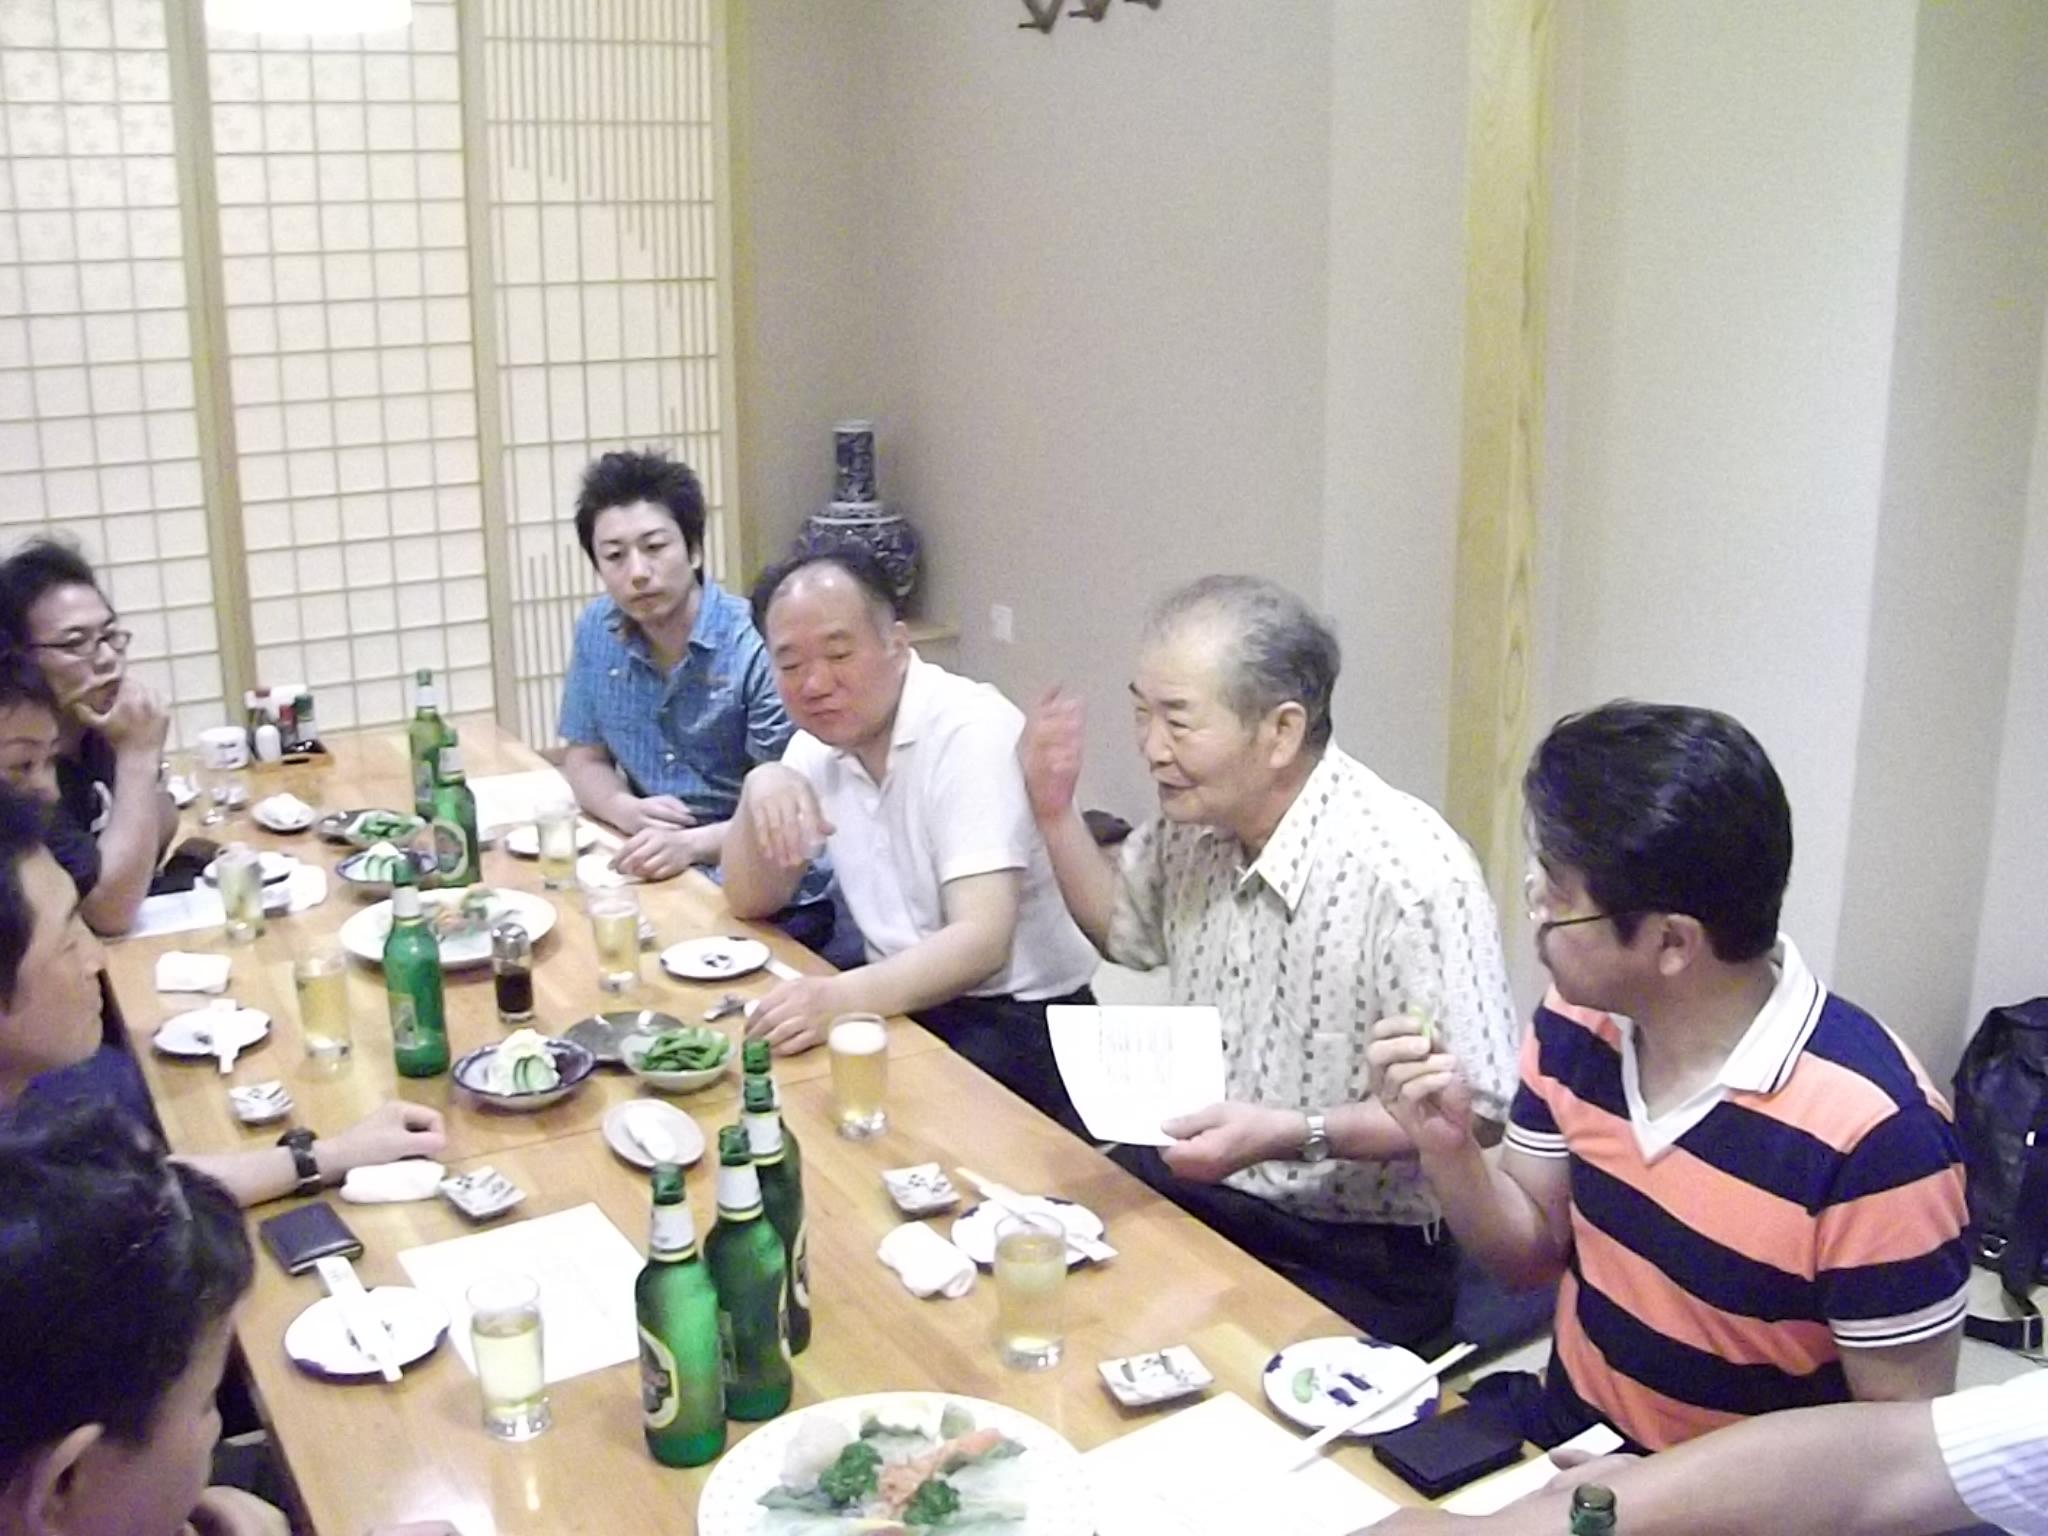 三浦会長(代理)から開会の挨拶です